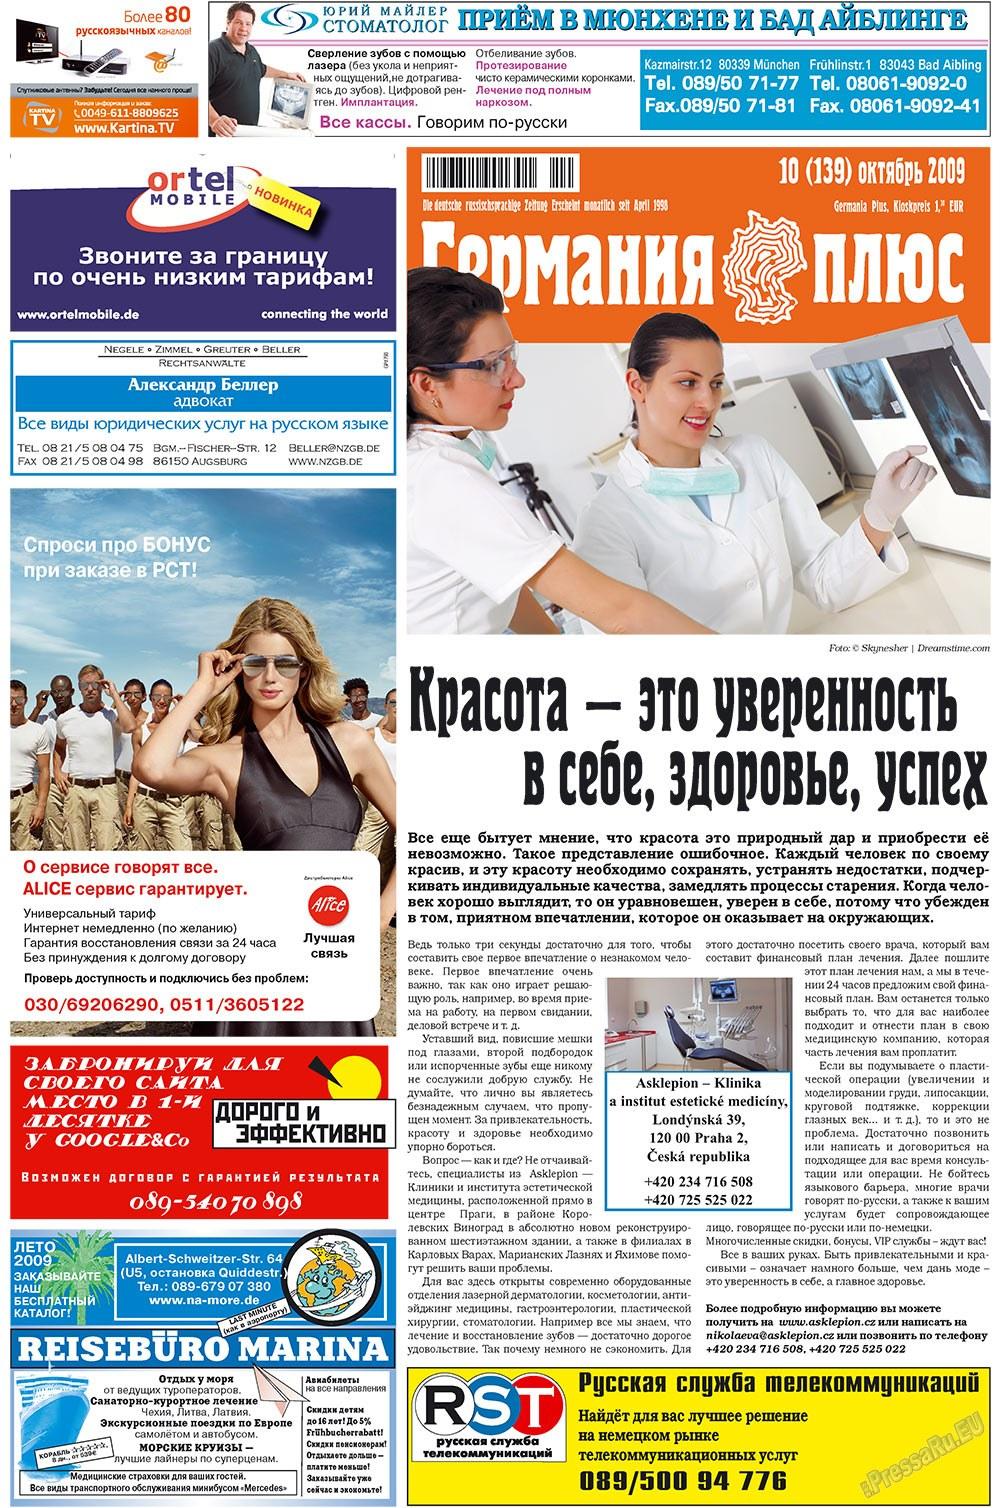 Германия плюс (газета). 2009 год, номер 10, стр. 1